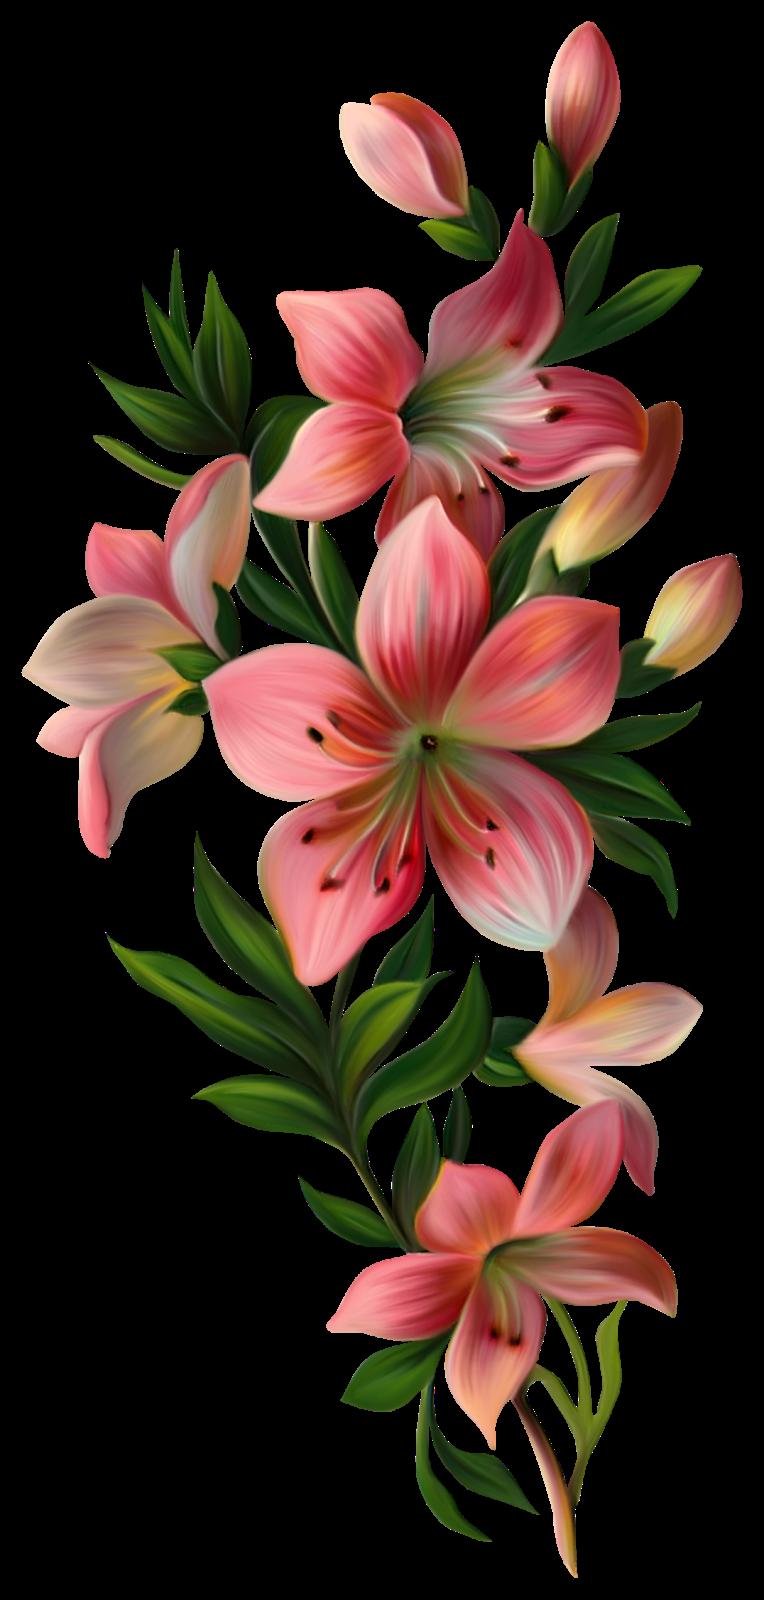 Pin De Amina Ansari Em Amina Arte Flor Flores Pintadas Arte Floral